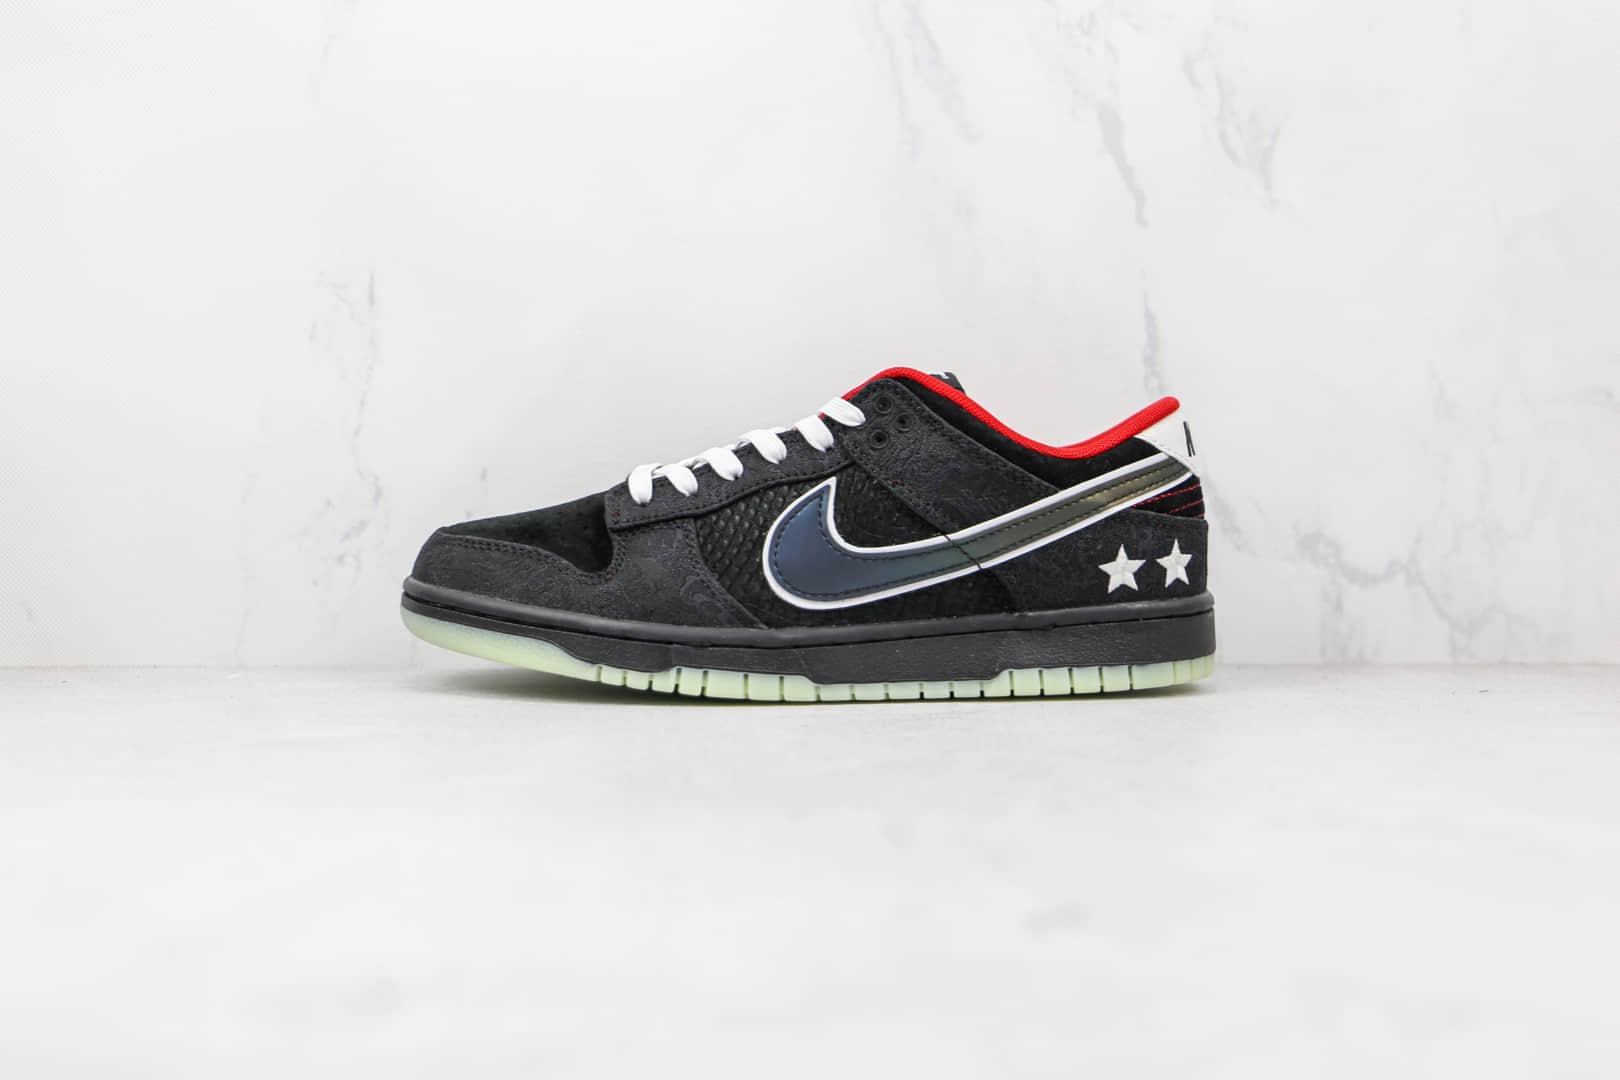 耐克Nike Dunk Low x LPL英雄联盟联名款纯原版本低帮DUNK夜光星星黑色板鞋原盒原标 货号:DO2327-011